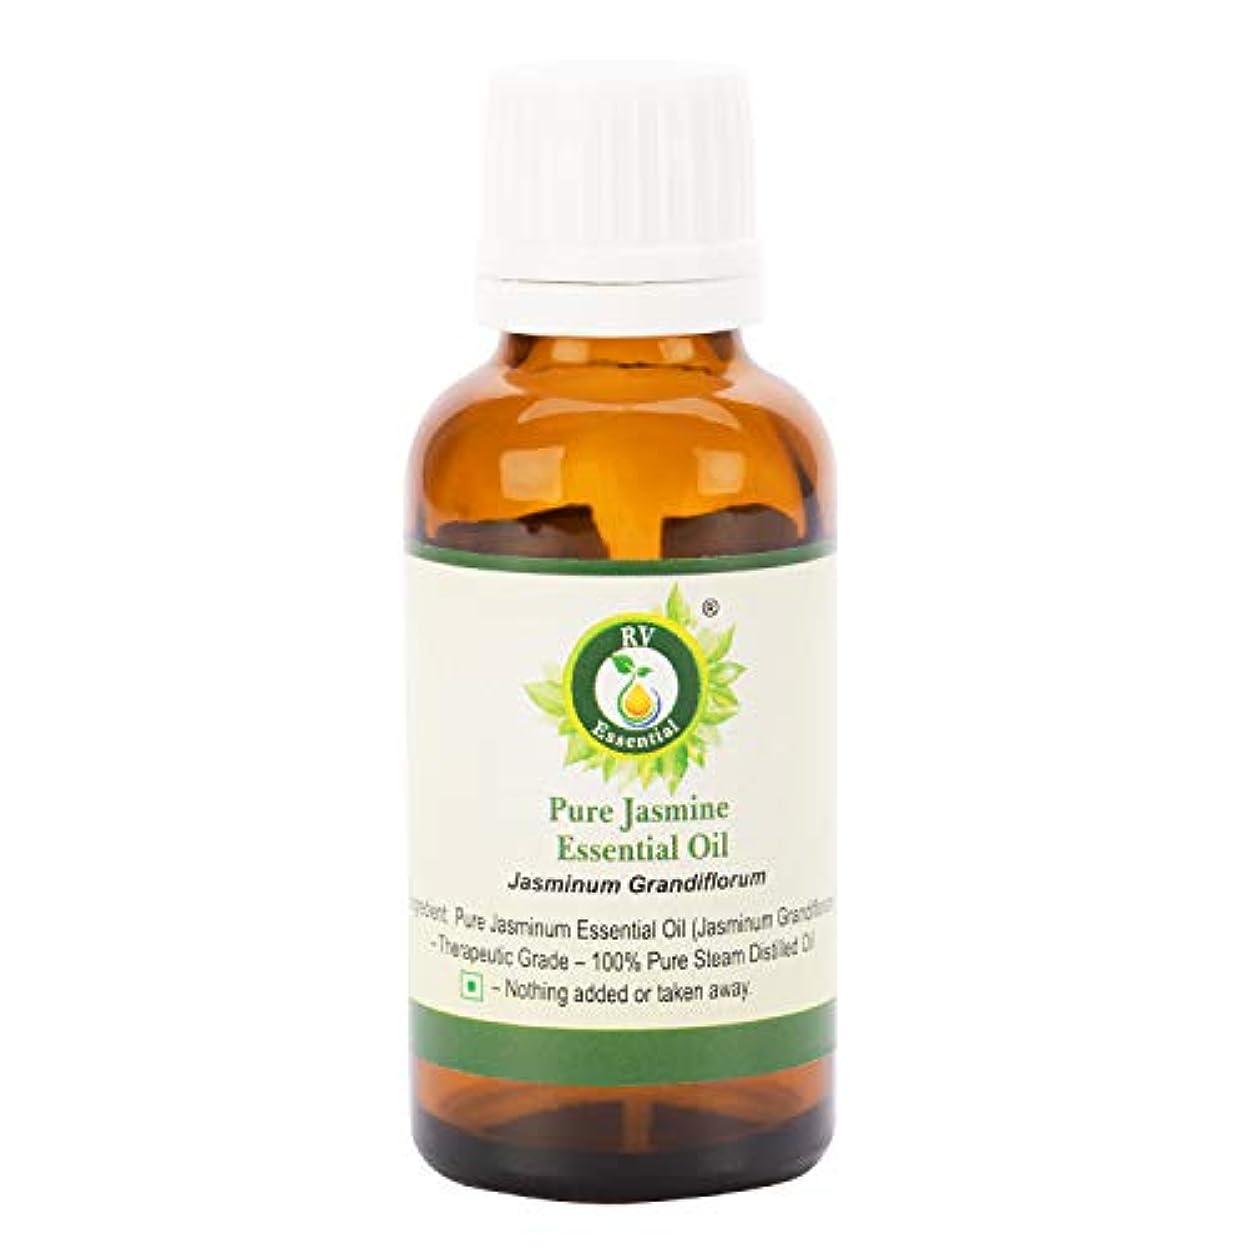 考え実行洞察力のあるピュアジャスミンエッセンシャルオイル100ml (3.38oz)- Jasminum Grandiflorum (100%純粋&天然スチームDistilled) Pure Jasmine Essential Oil